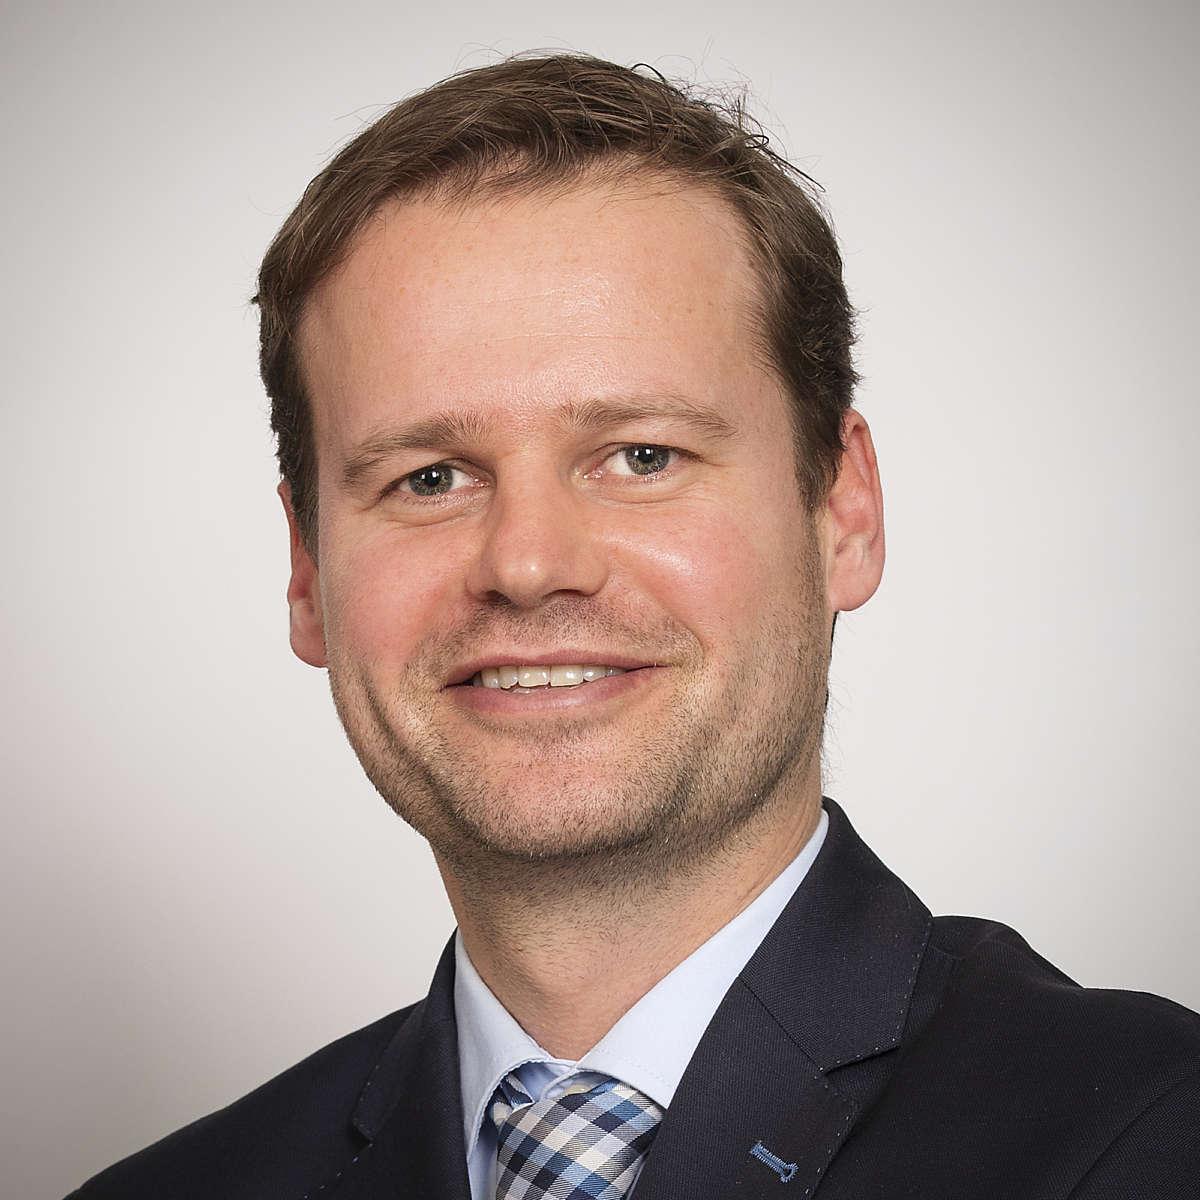 Maarten Brouwer BOM